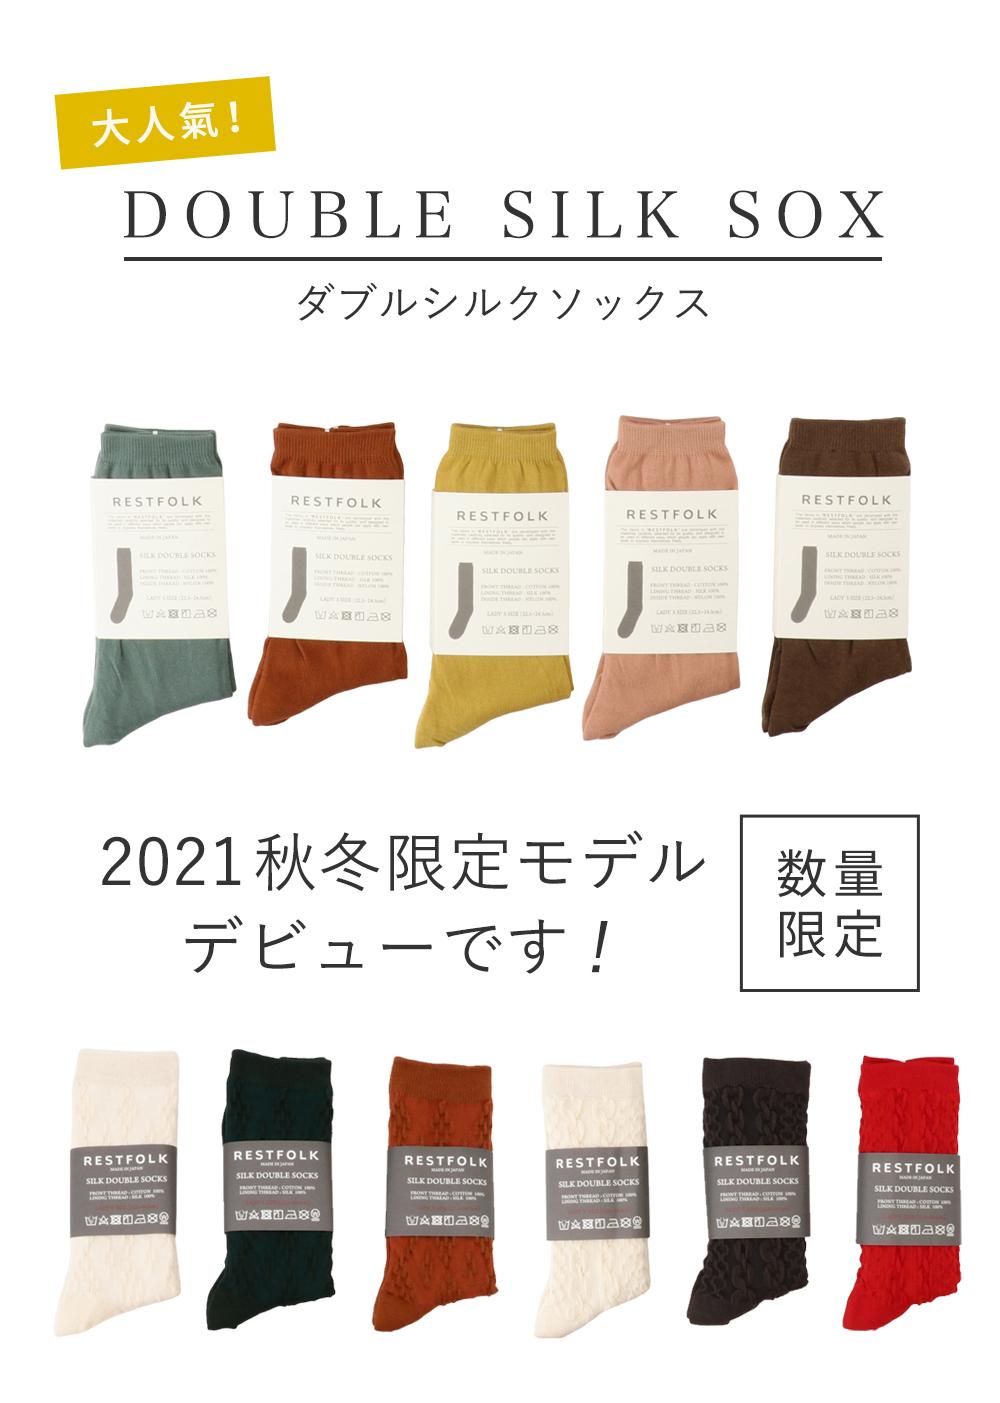 大人氣!ダブルシルクソックス2021秋冬限定色